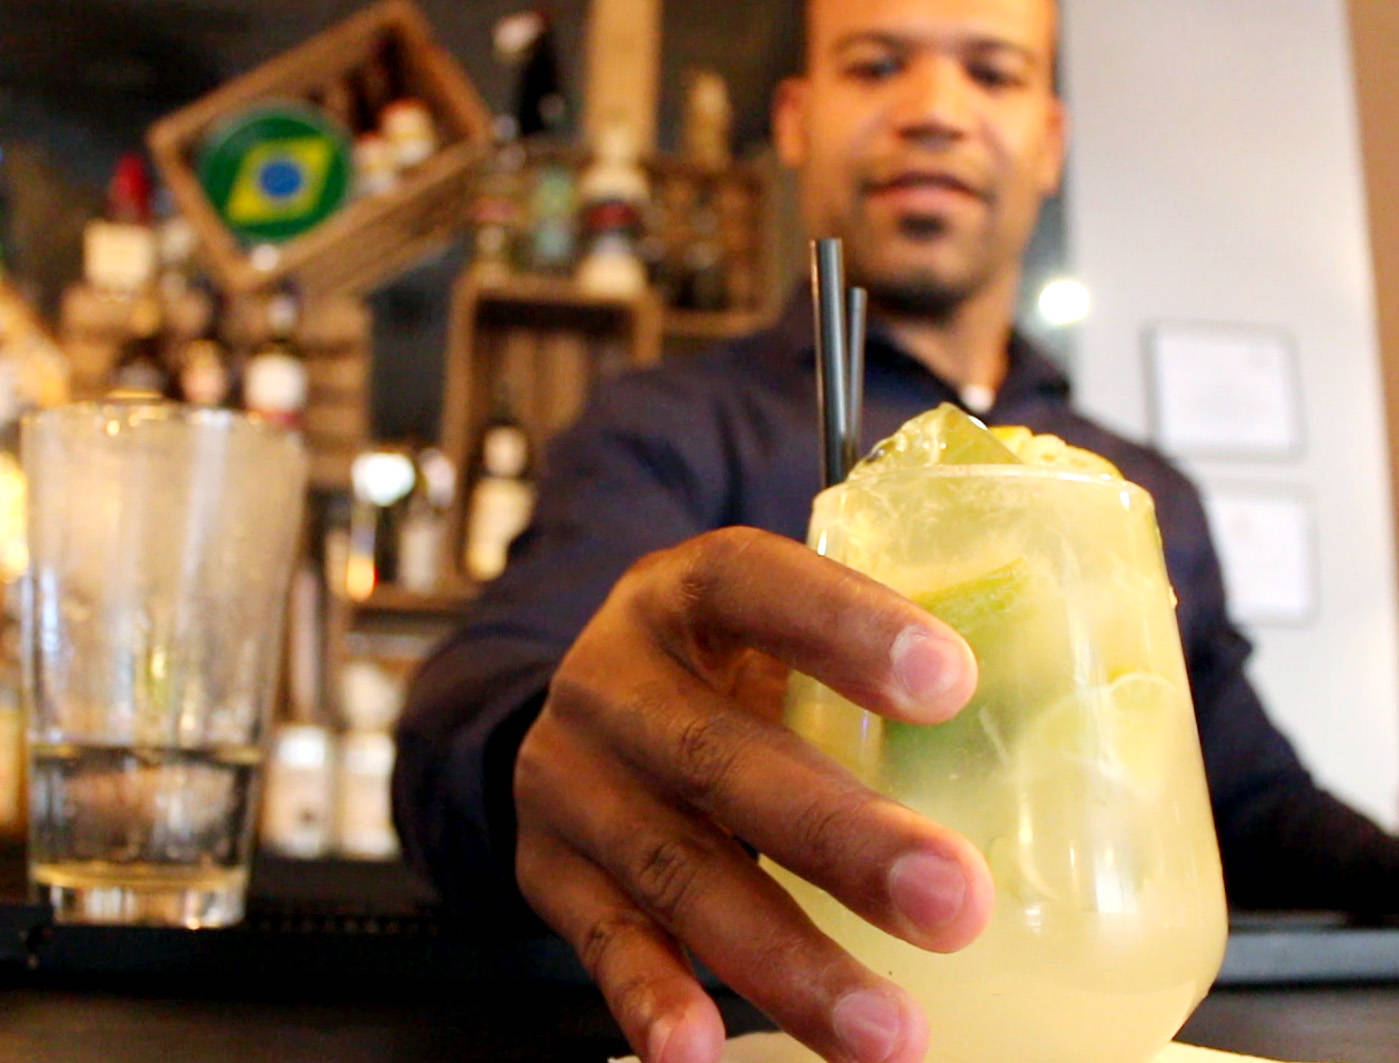 El emprendedor brasilero lanzará a lo largo de 2018 su propia línea de productos Gourmet.